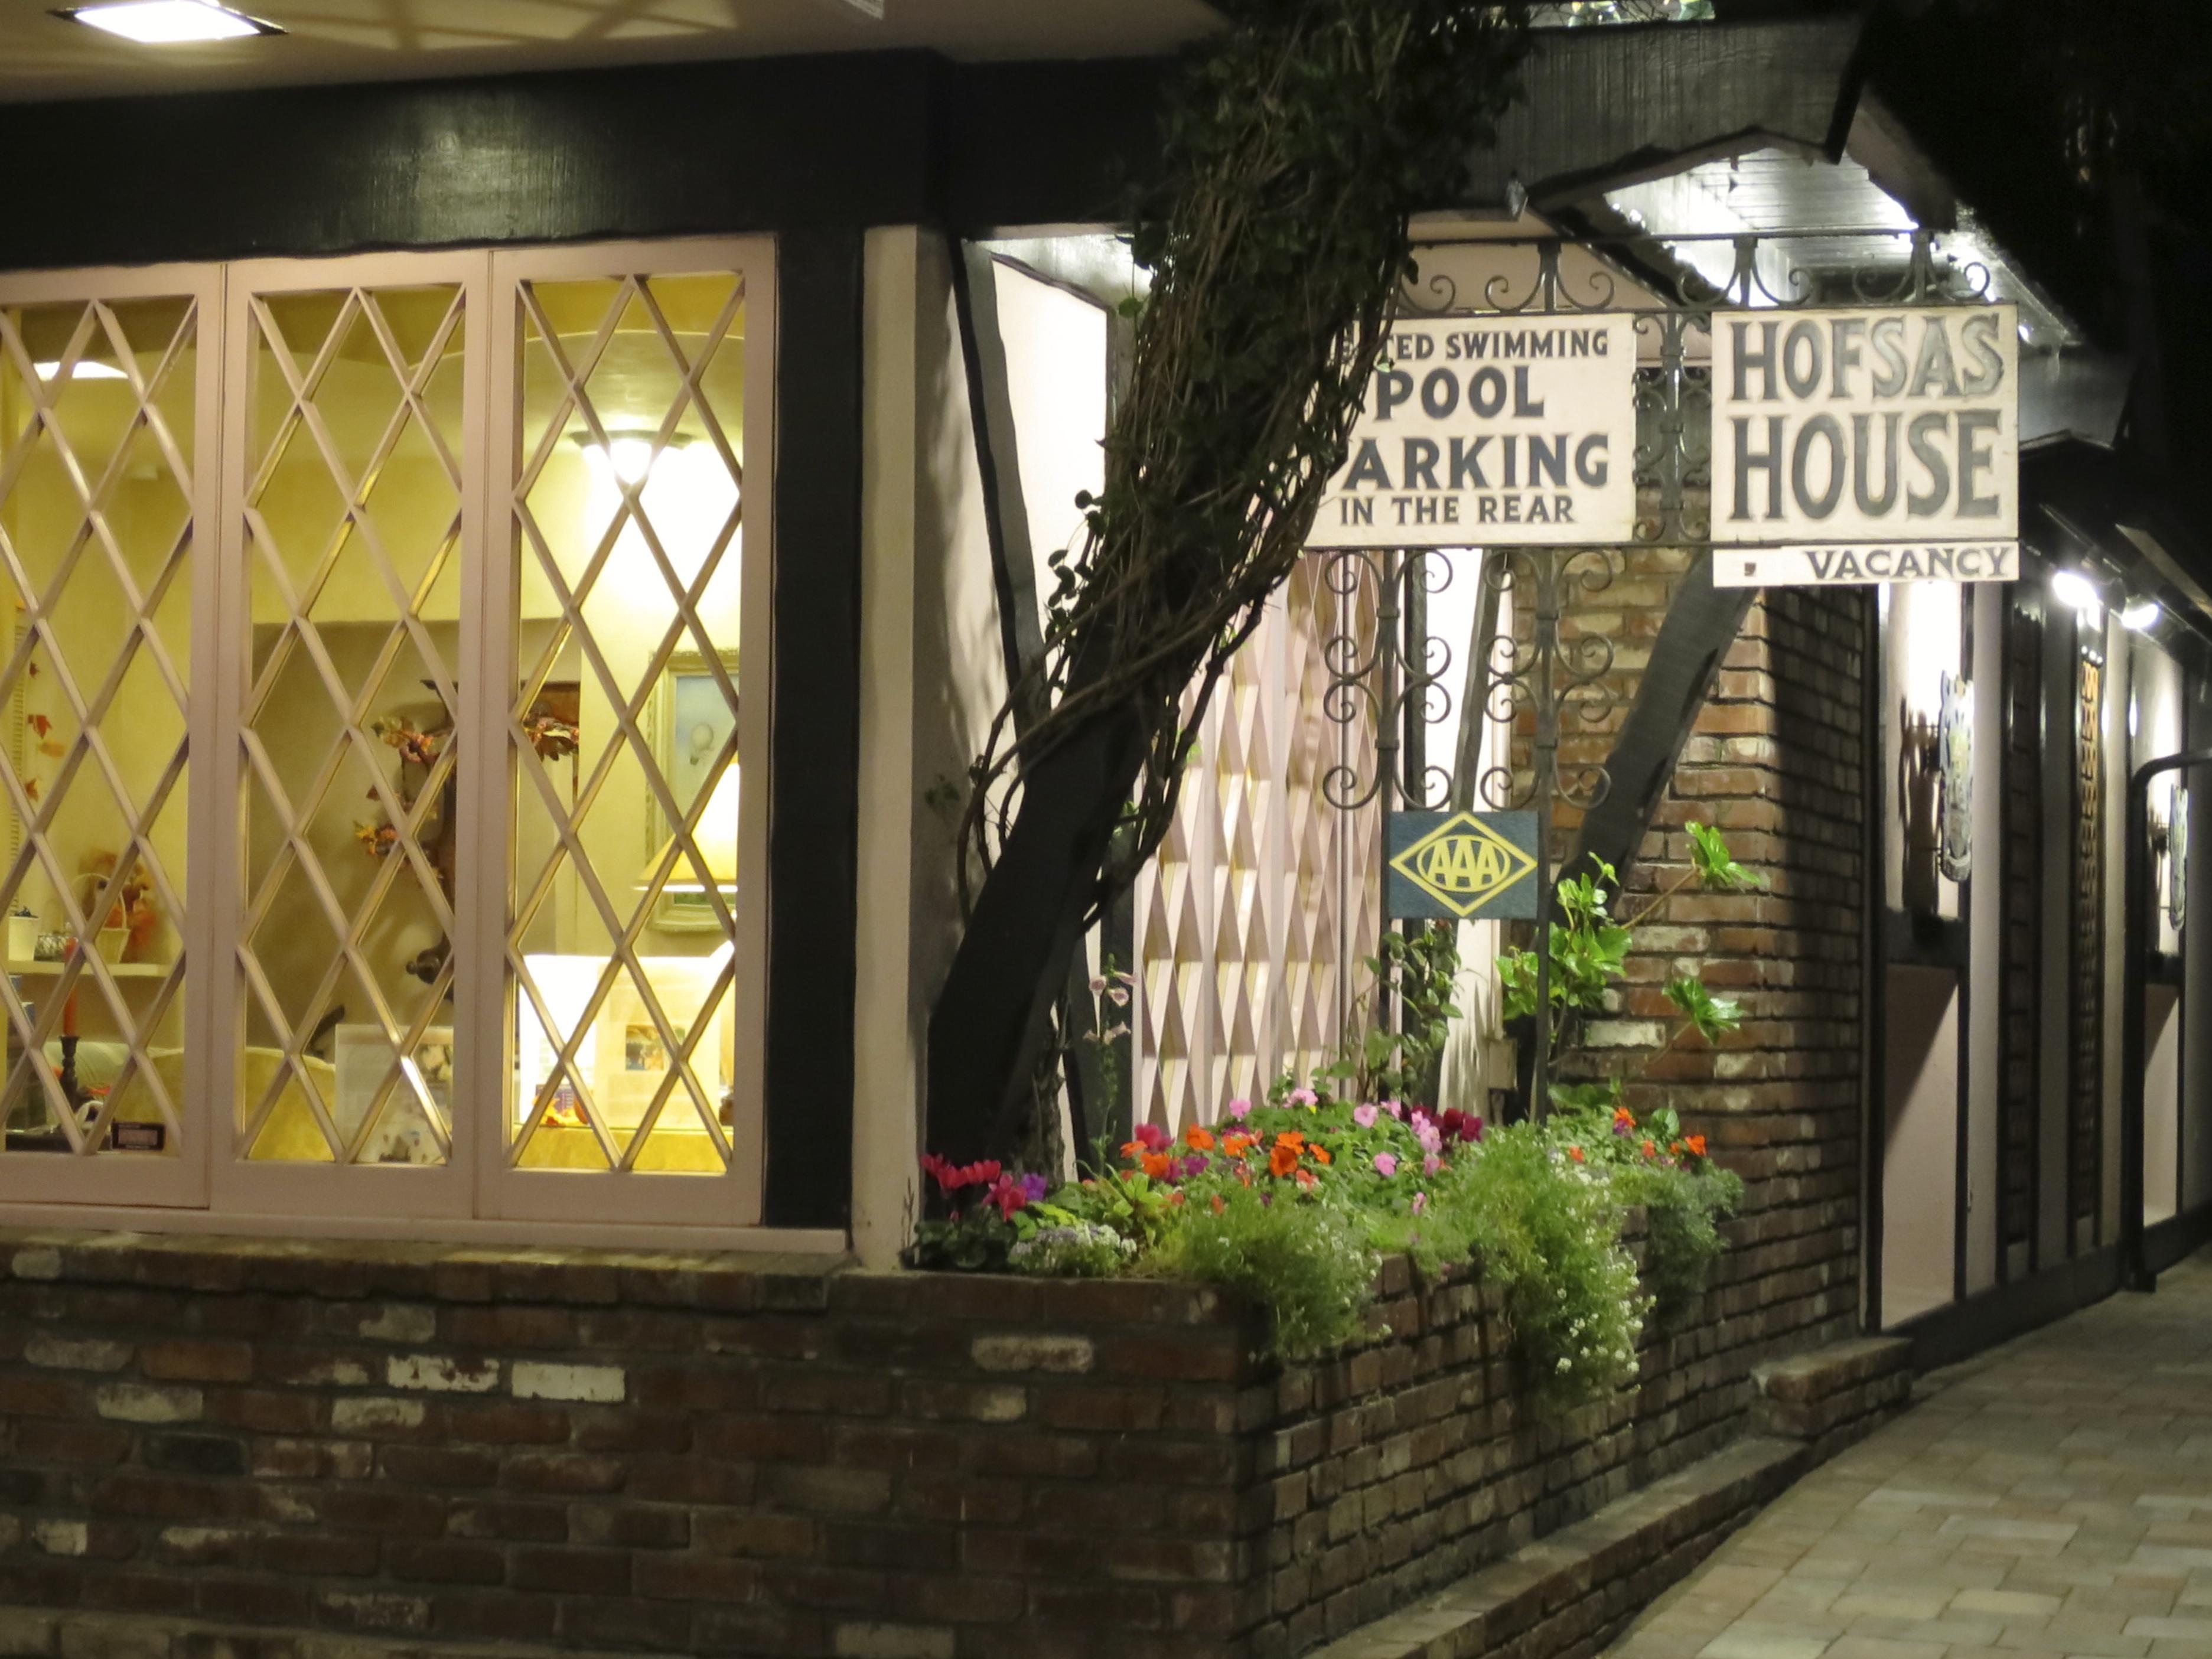 Hofsas House in Carmel, CA